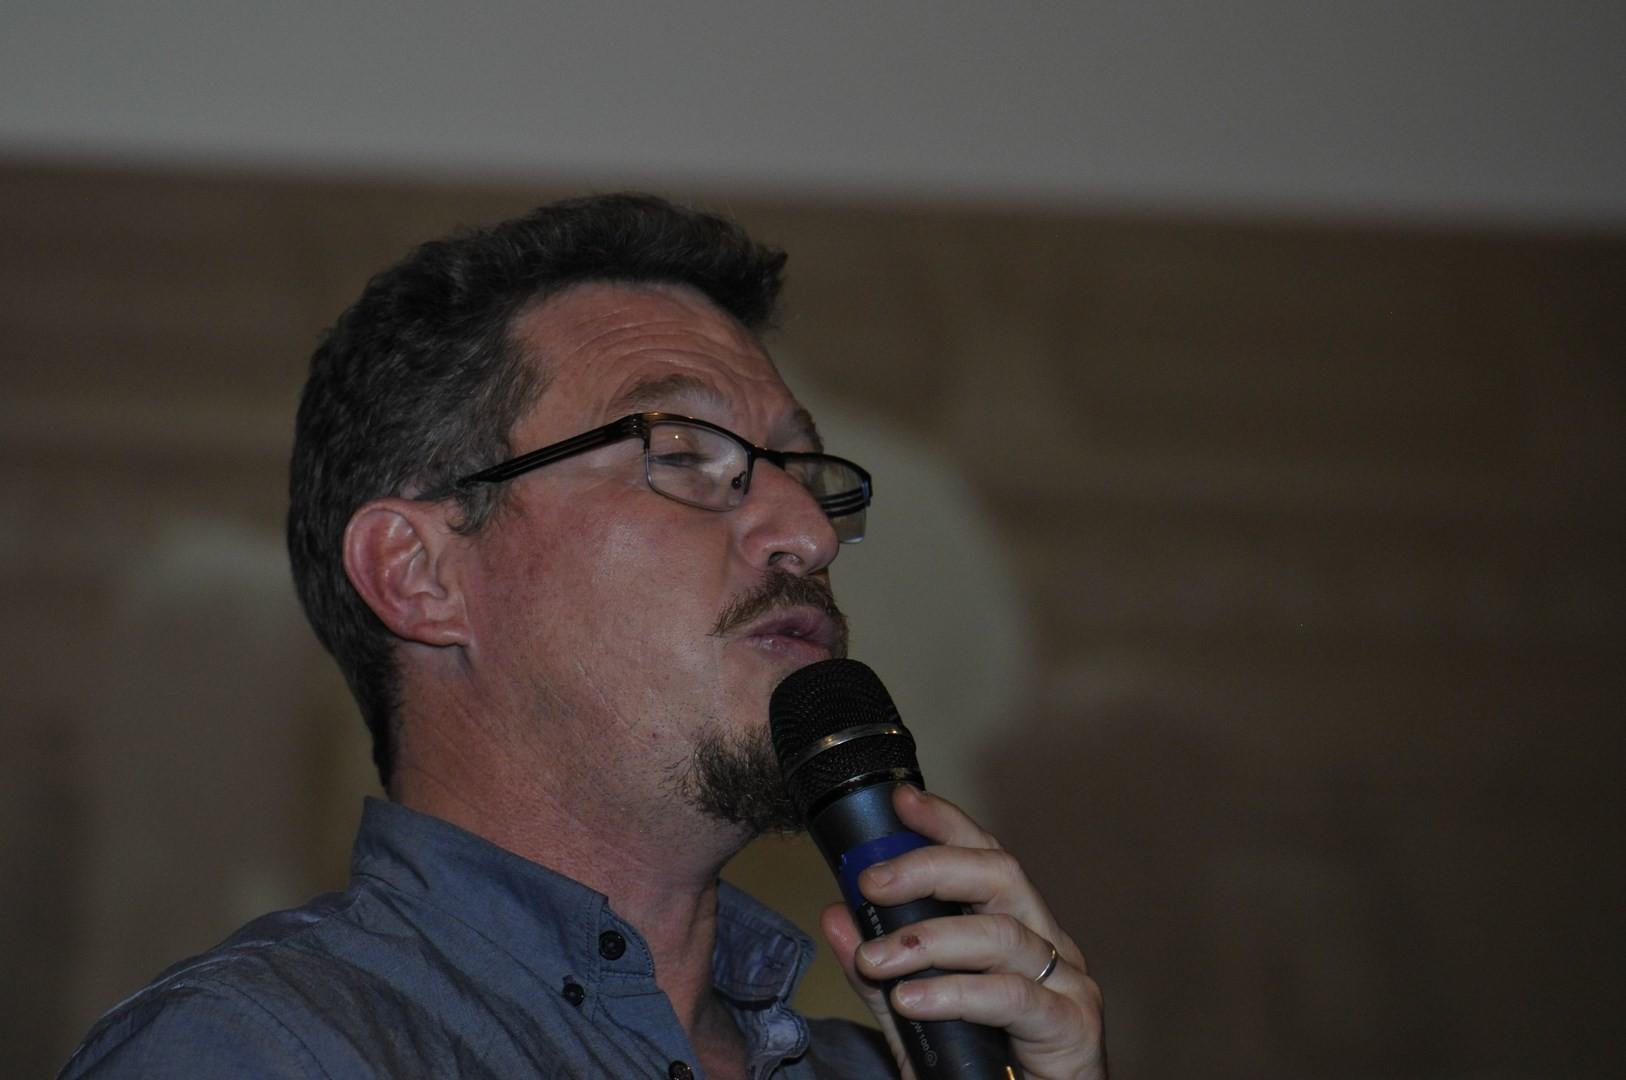 Alain Génot, Archeologue du musée départemental d' Arles antique, coresponsable de la fouille, répond aux questions du public sur Les enduits peints de la Verrerie - Chantier de fouilles Arles